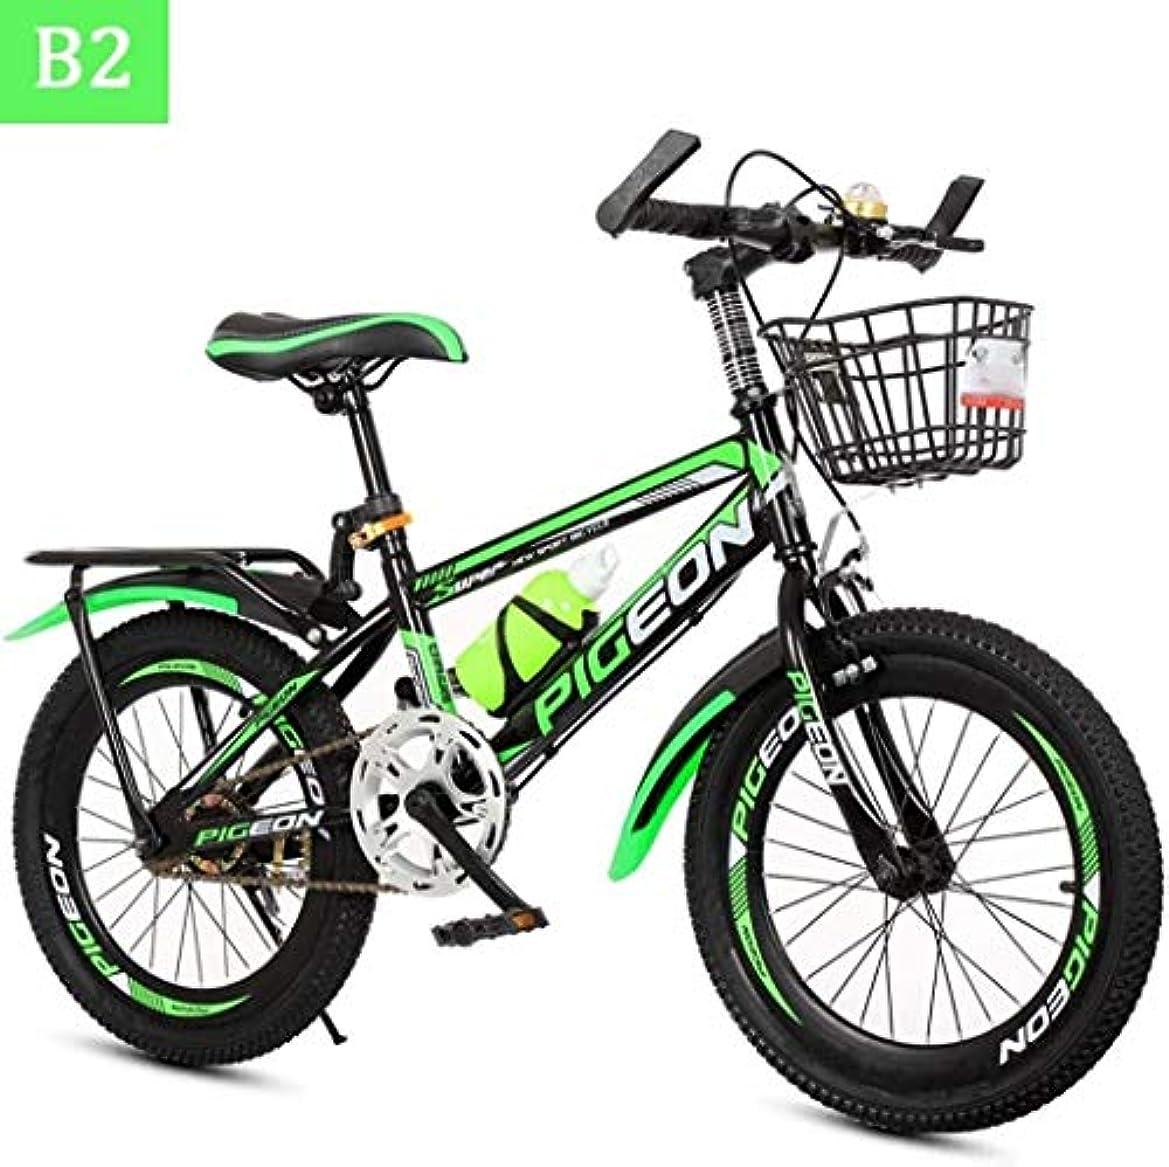 結婚するピジンマスク自転車20インチの可変速マウンテンバイク、快適なサドル、ノンスリップペダル、安全かつ敏感なブレーキ、学生ポータブル自転車のために初級レベル